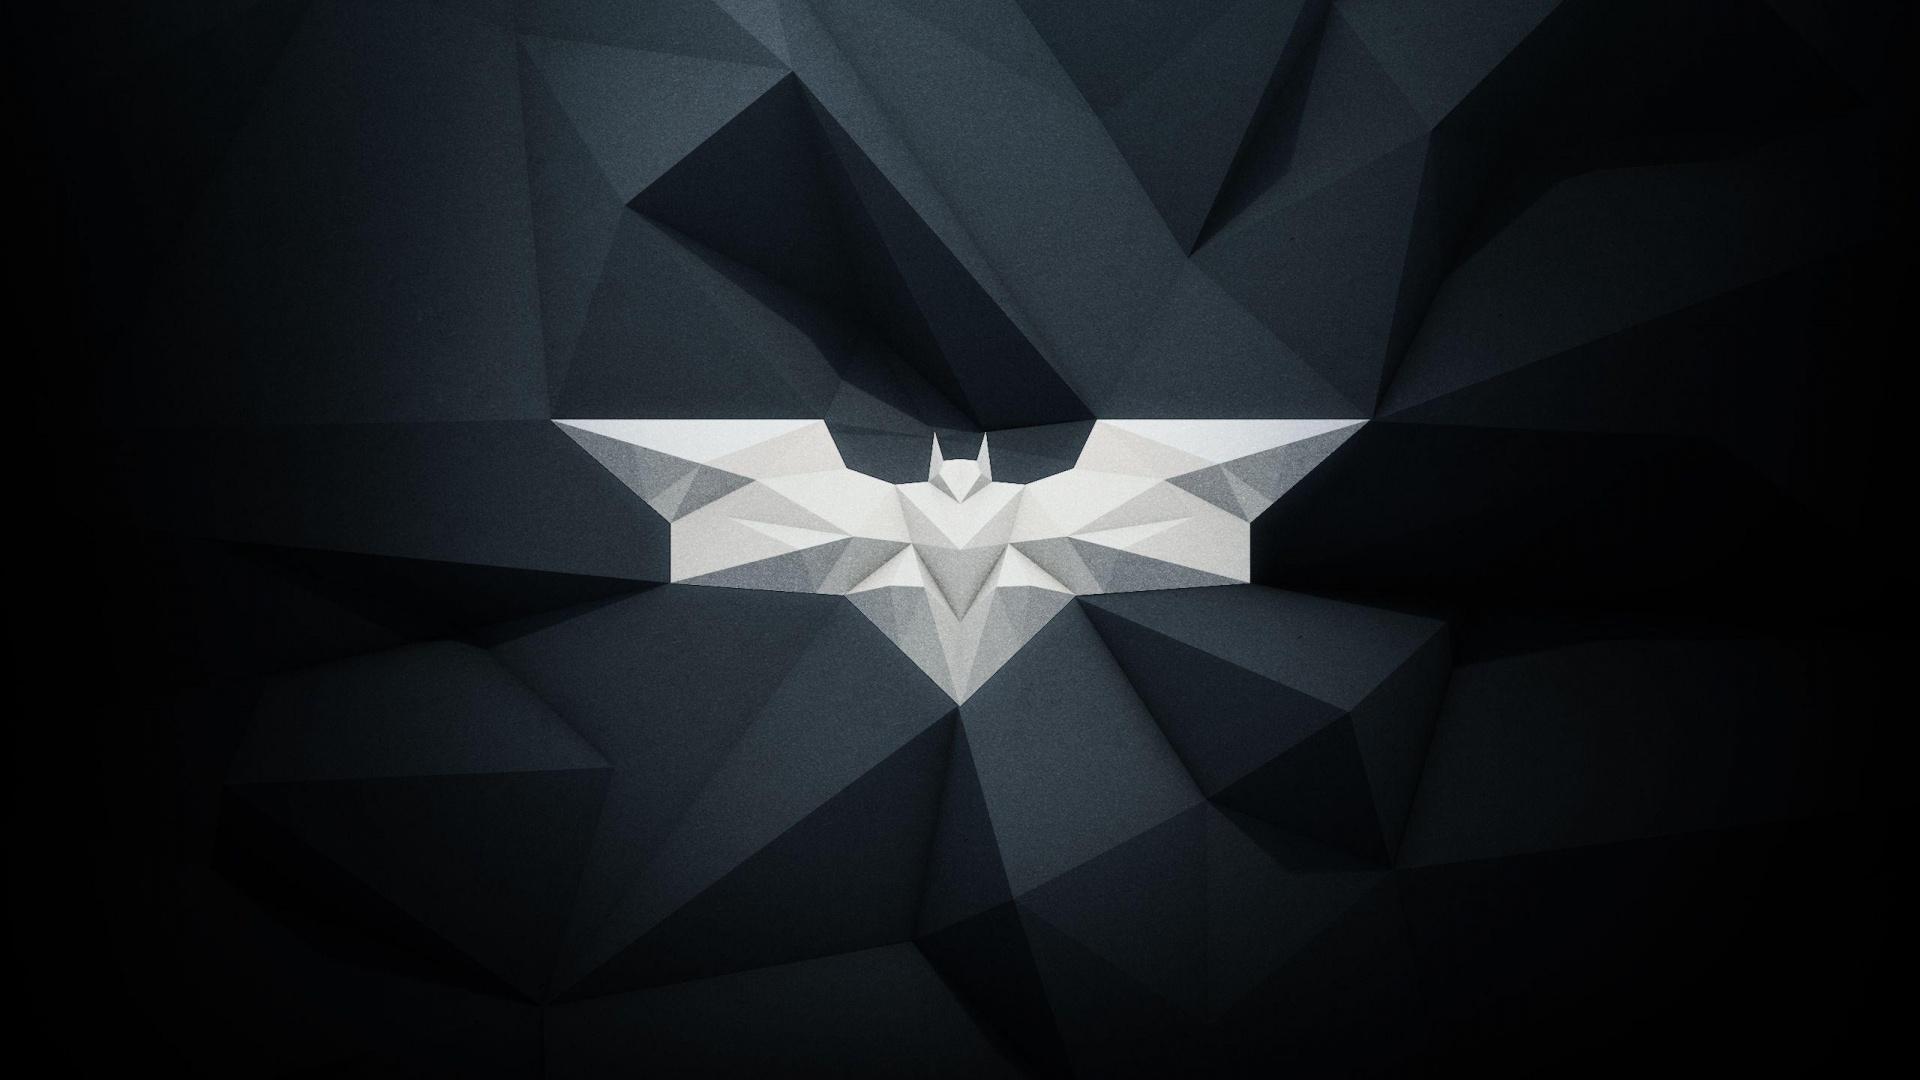 1920x1080 Modern Batman Logo desktop PC and Mac wallpaper 1920x1080